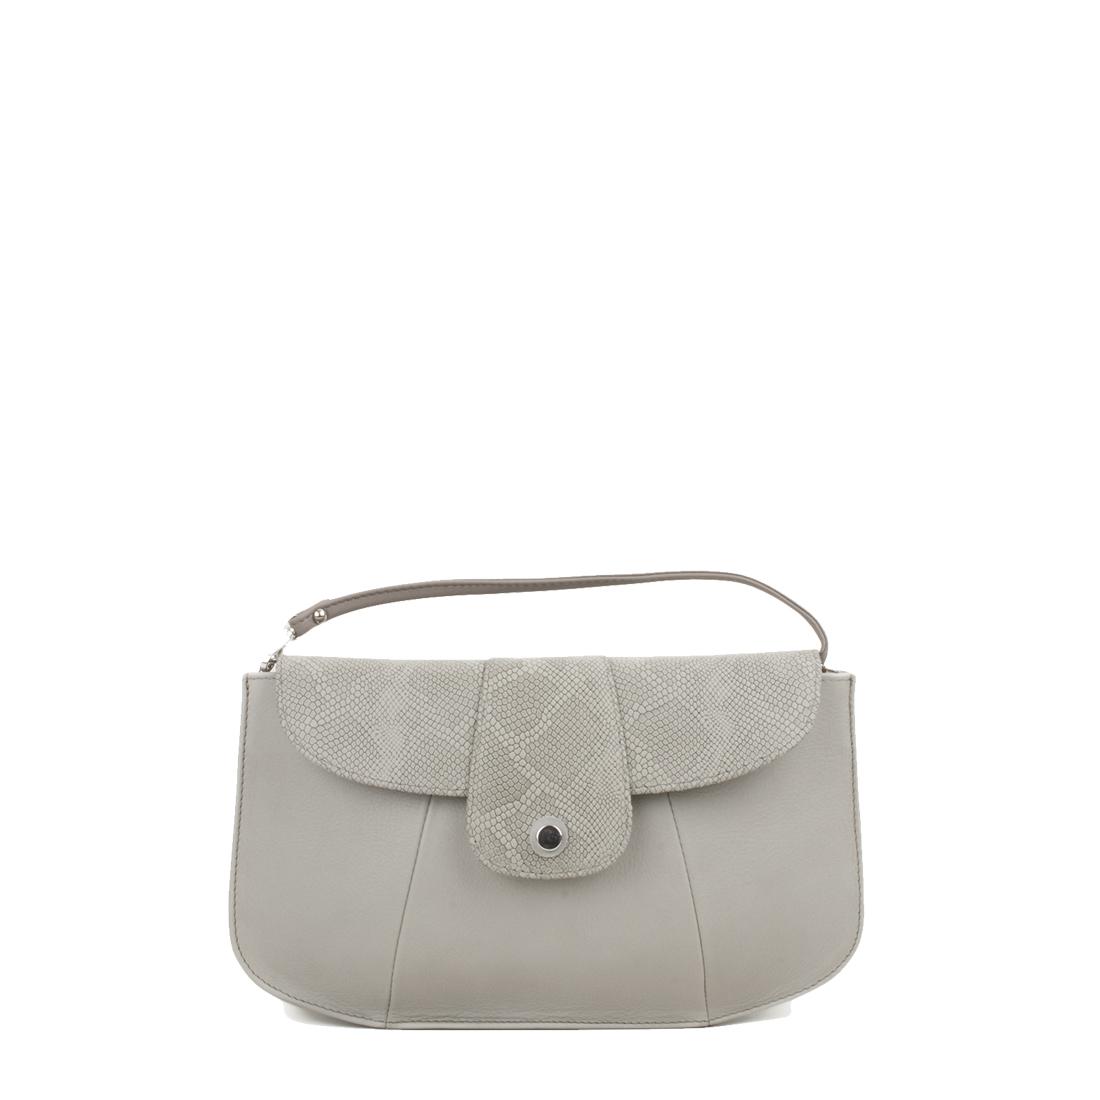 Ruby Pomice Leather Shoulder Bag